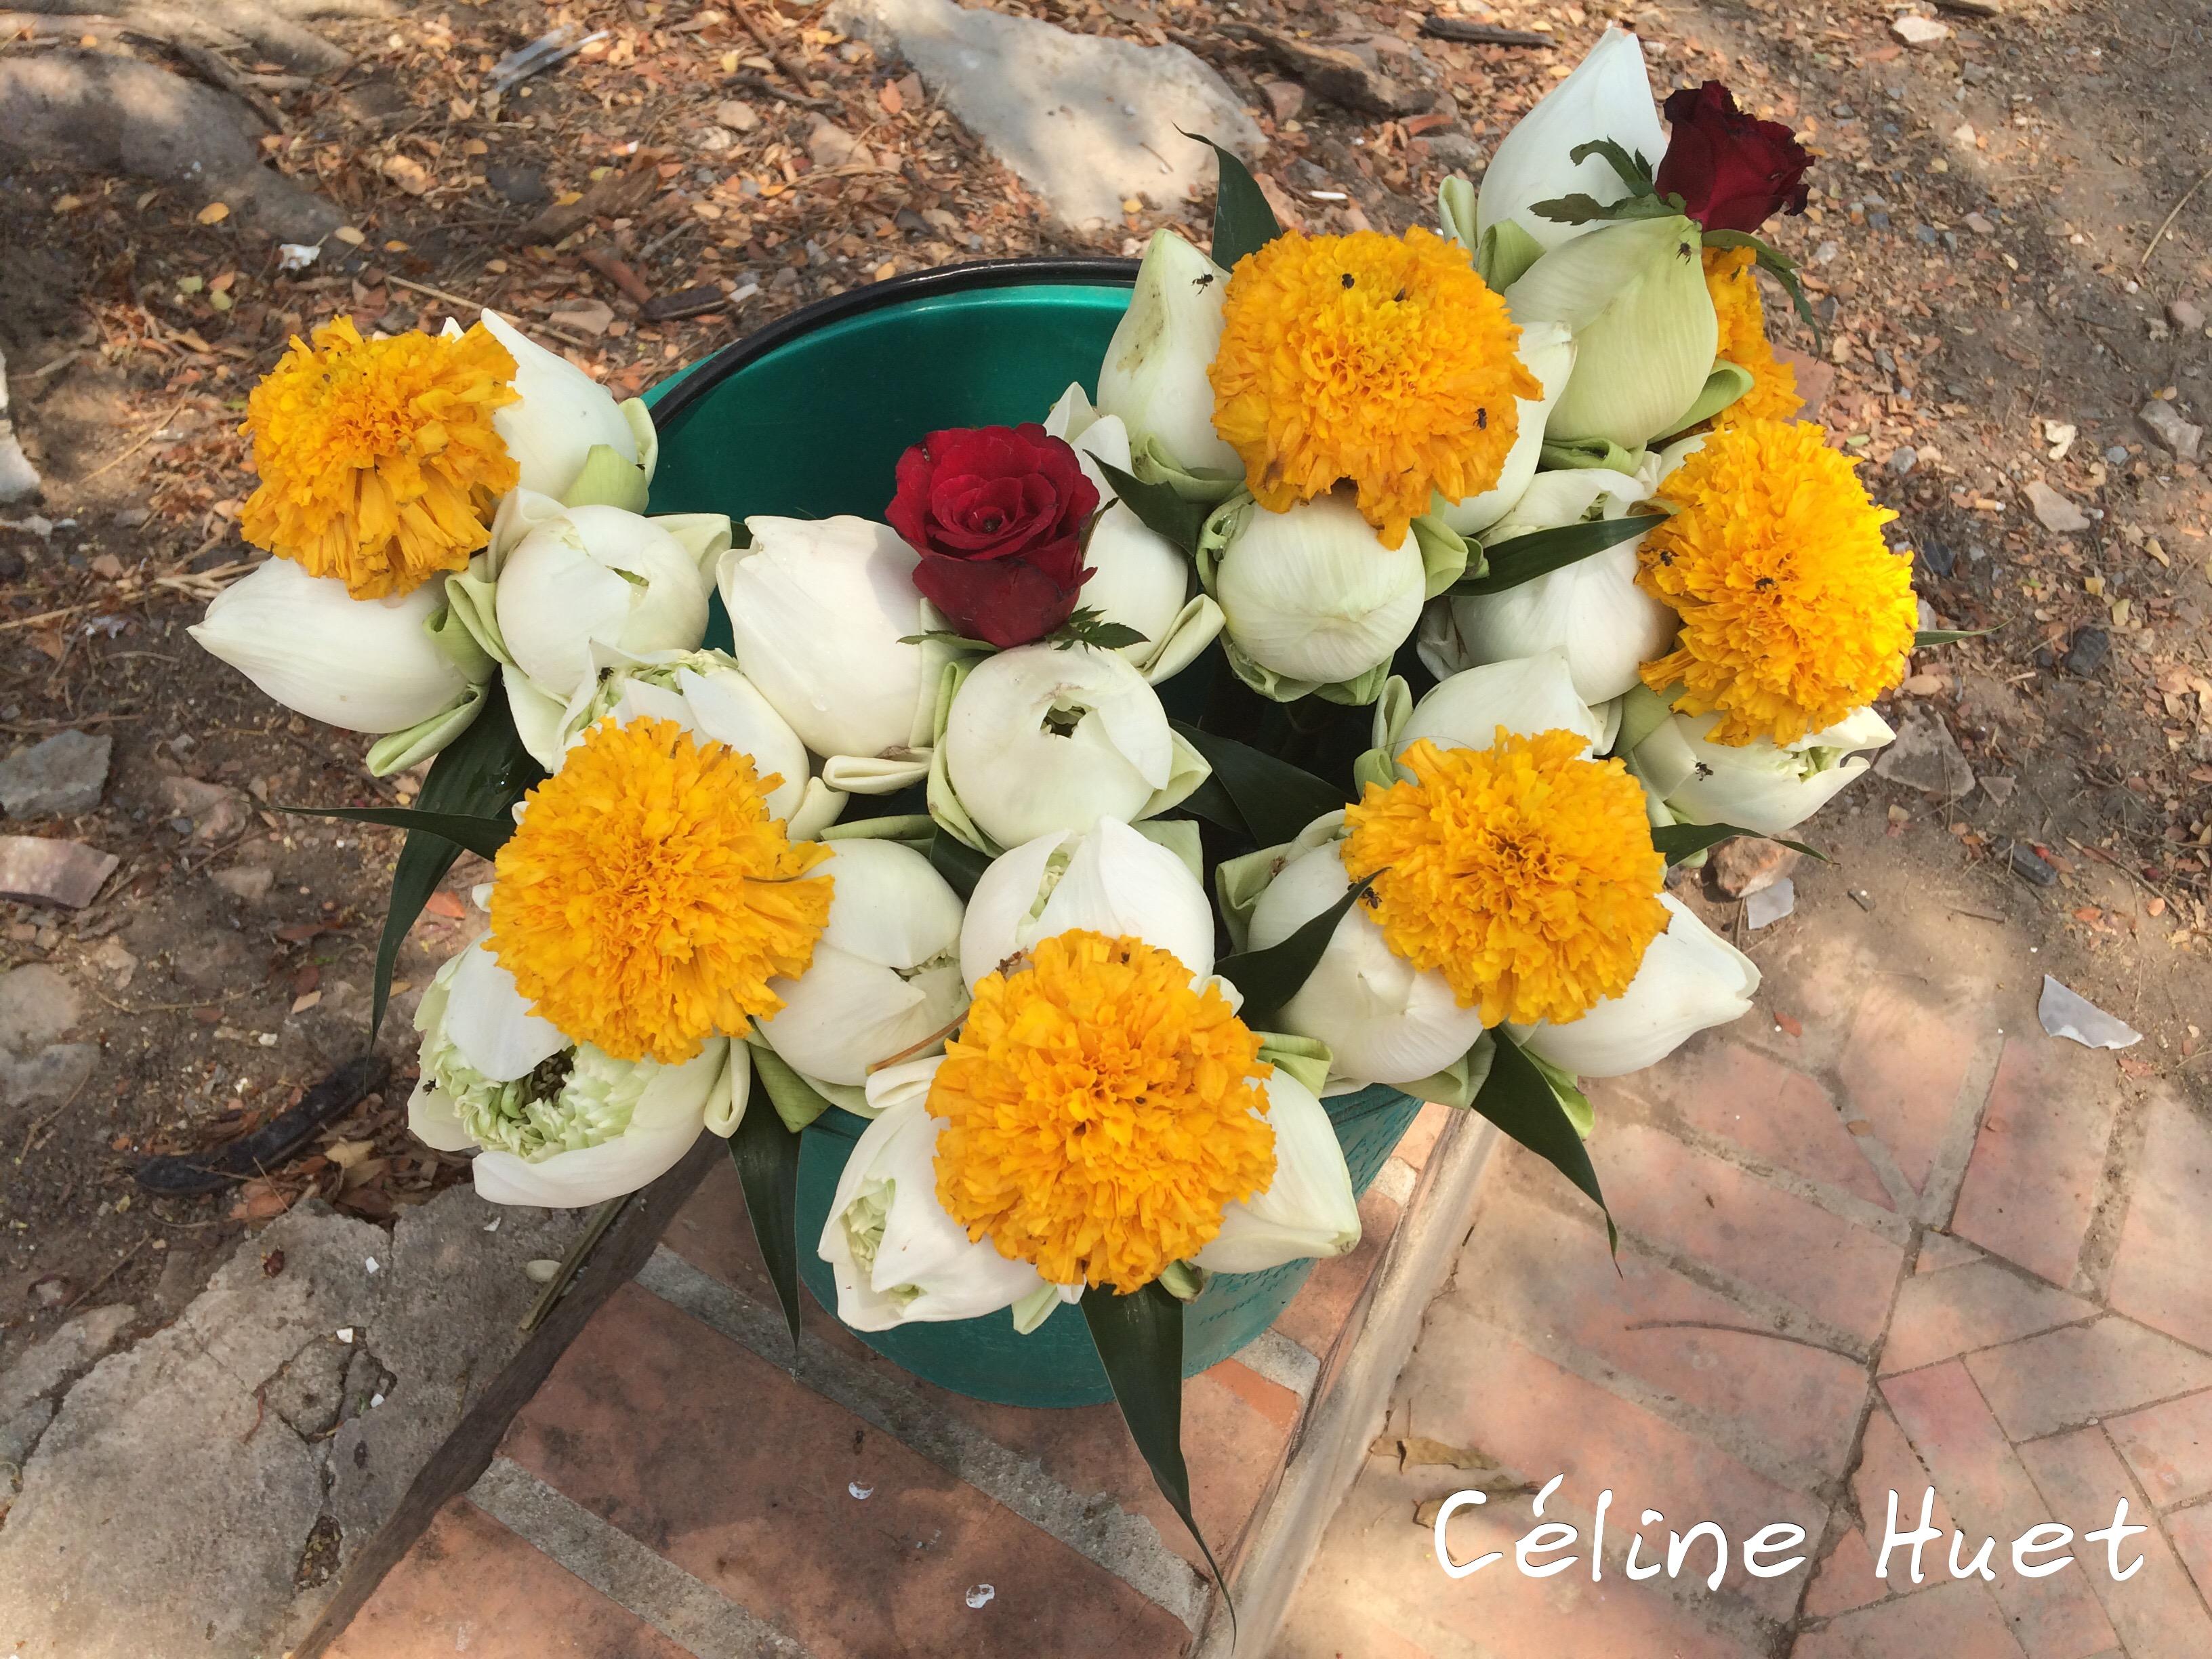 Fleurs de lotus Ayutthaya Thaïlande Asie